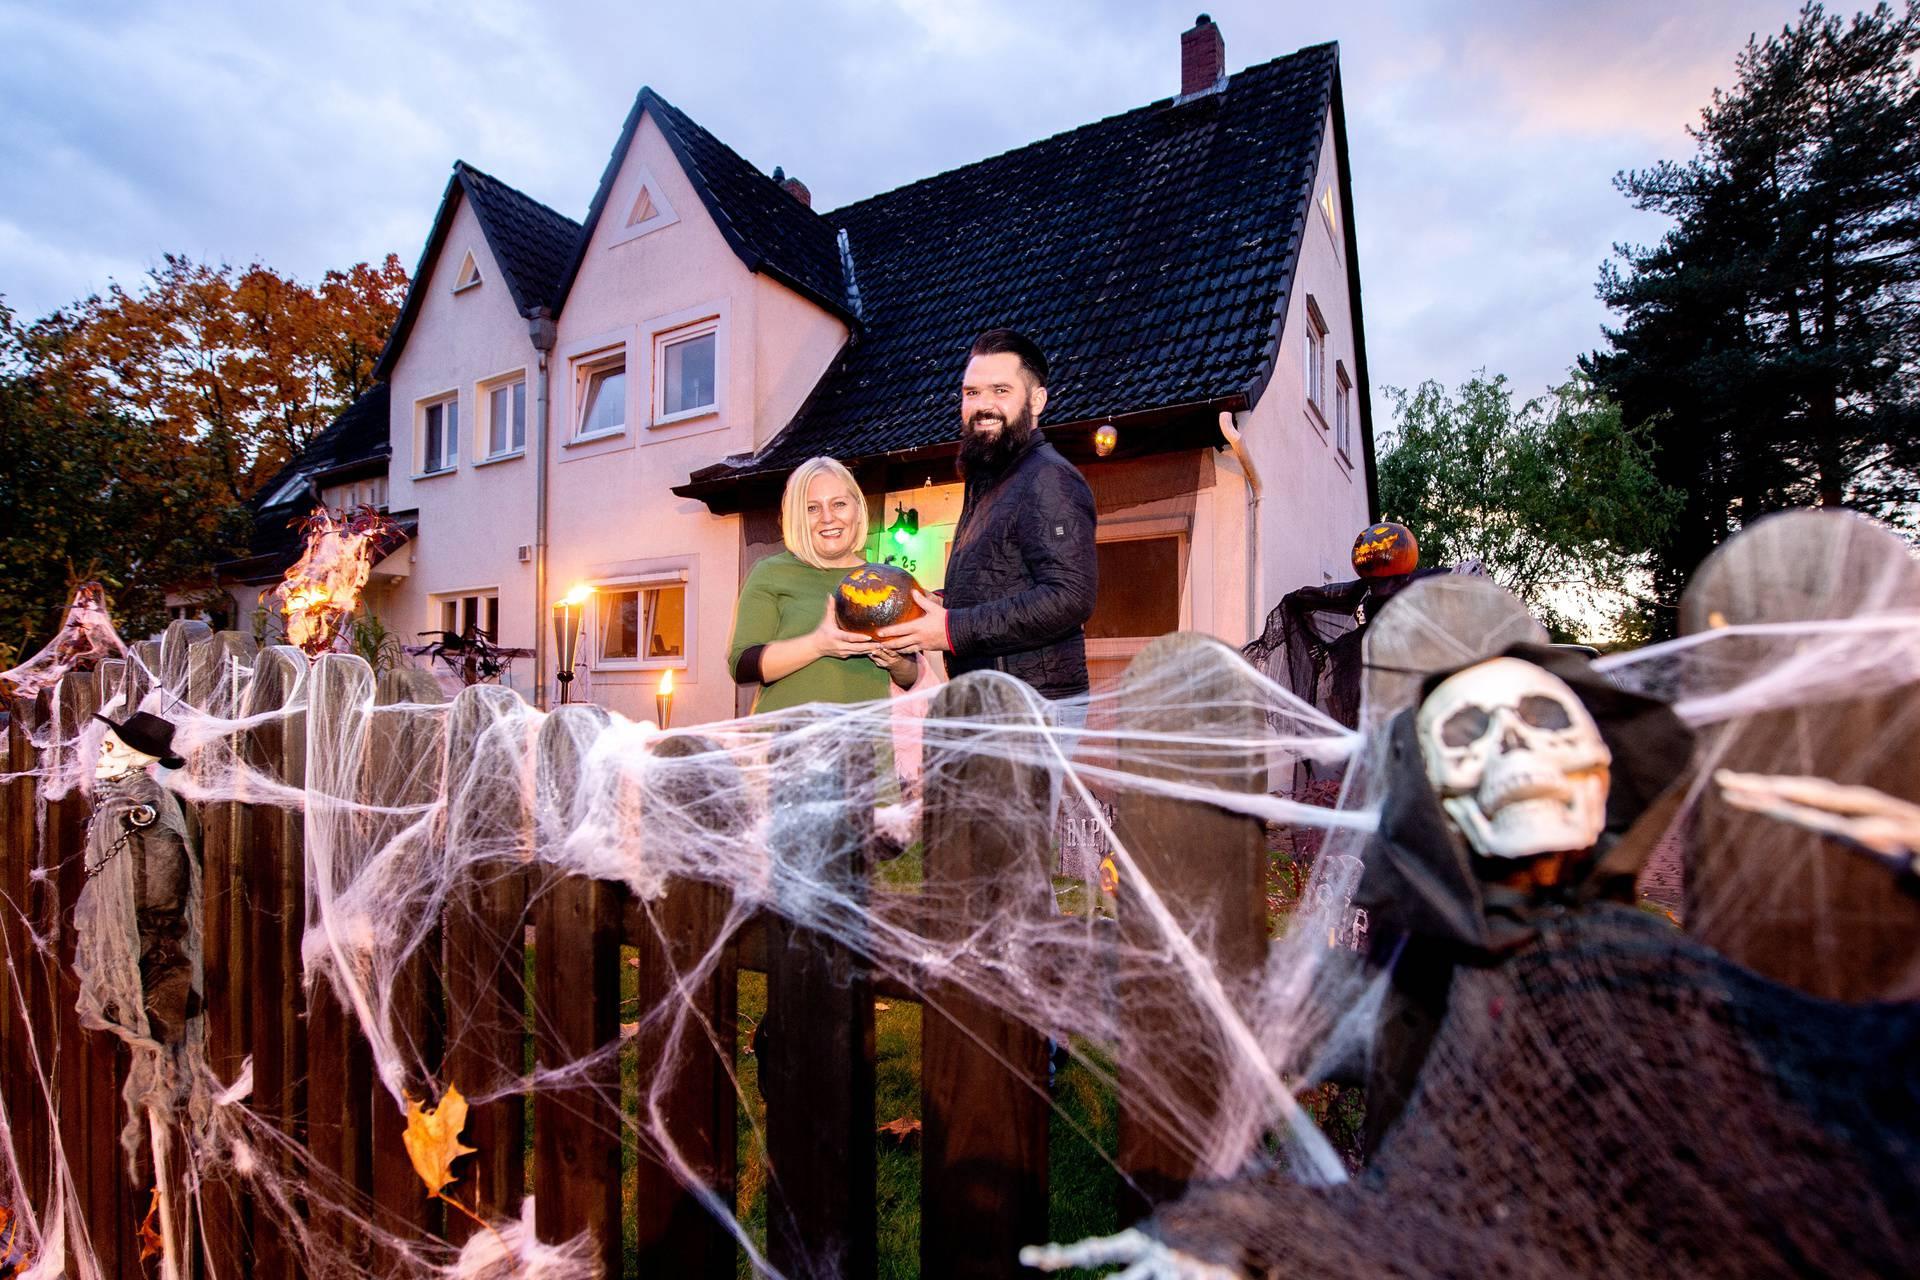 Marleen i Julian svake godine na Noć vještica svoj vrt pretvaraju u 'komoru užasa'